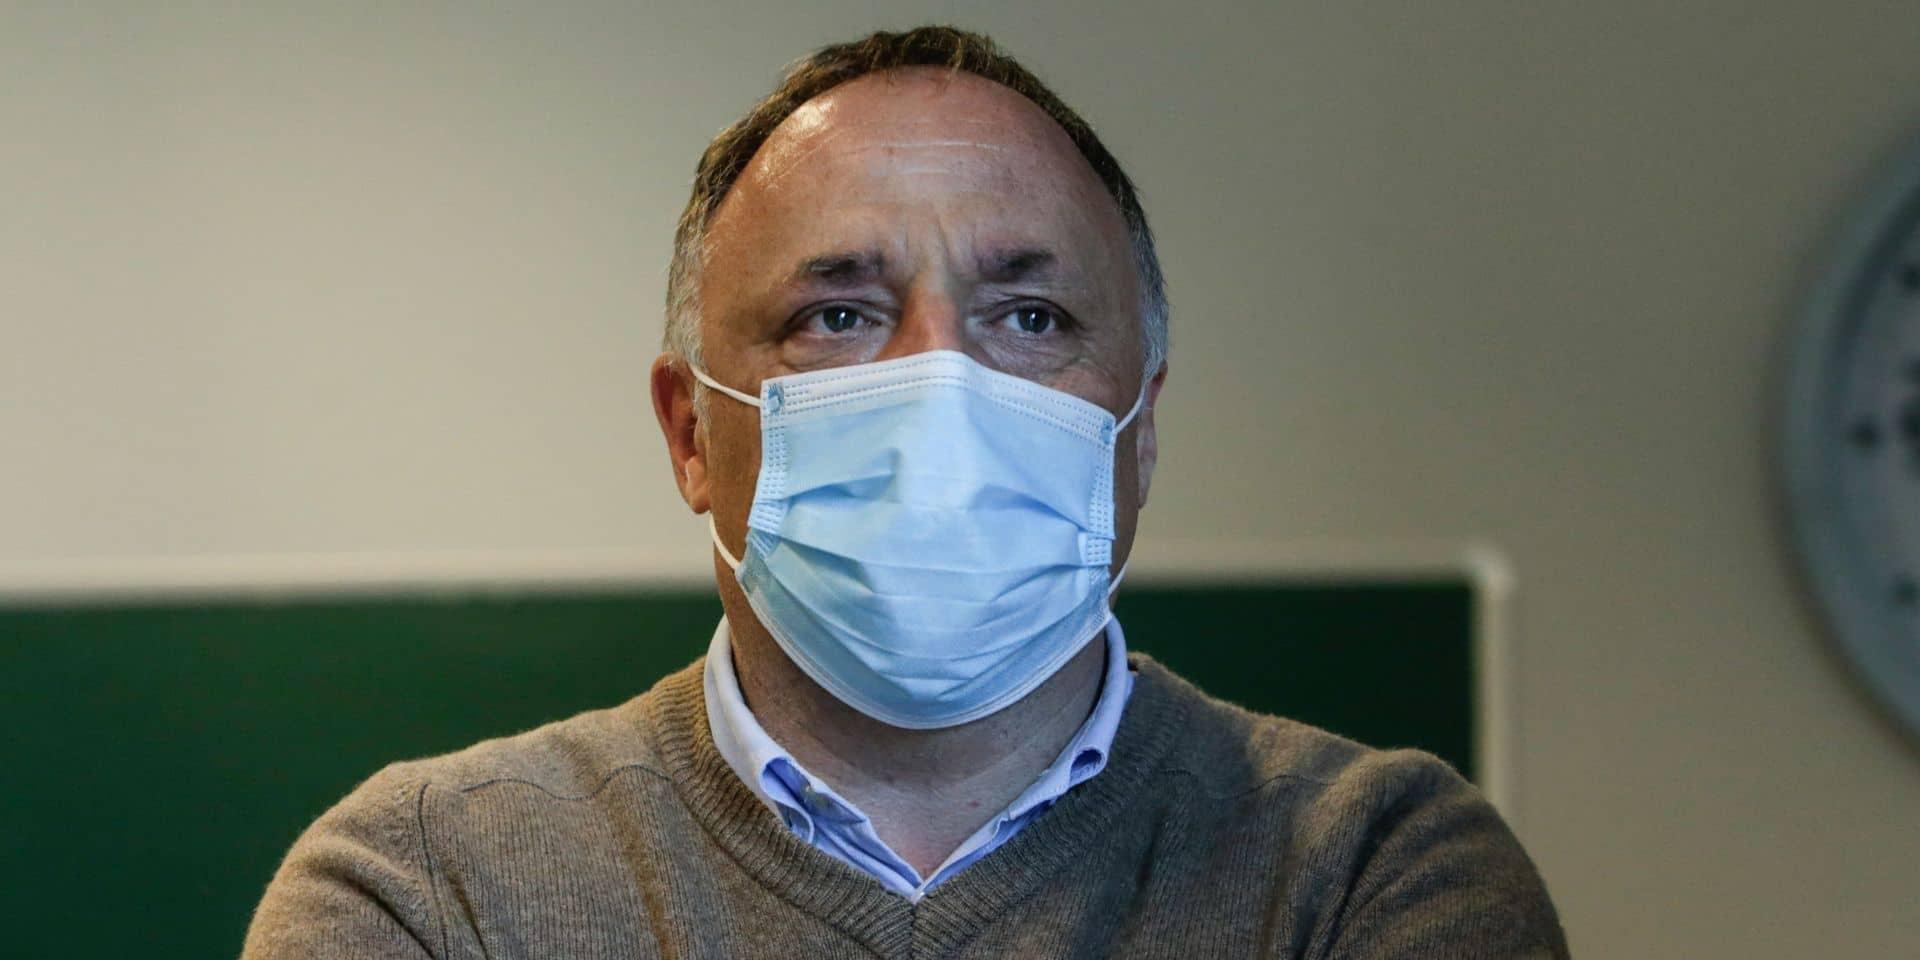 """Marc Van Ranst sur la deuxième vague: """"Les virologues ont été traités de semeurs de panique, mais ils avaient raison"""""""